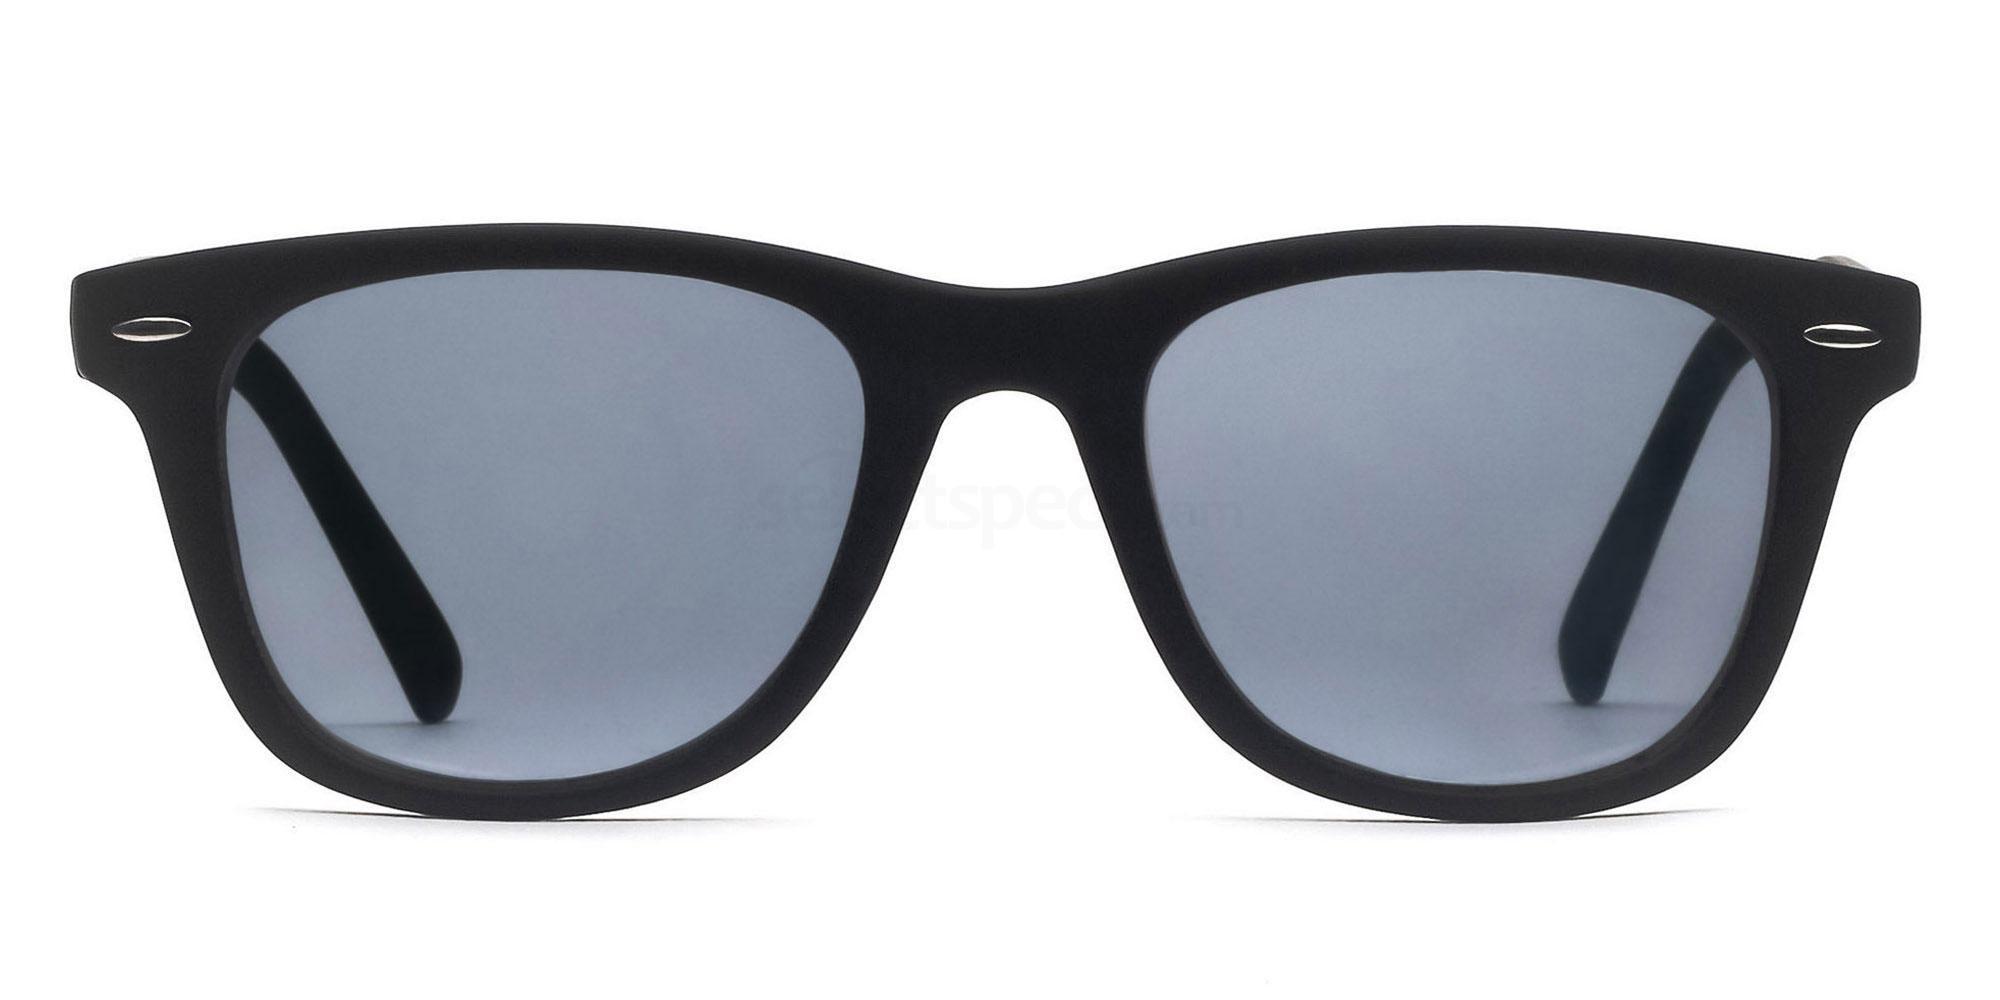 C1 8121 - Black (Sunglasses) Sunglasses, Savannah